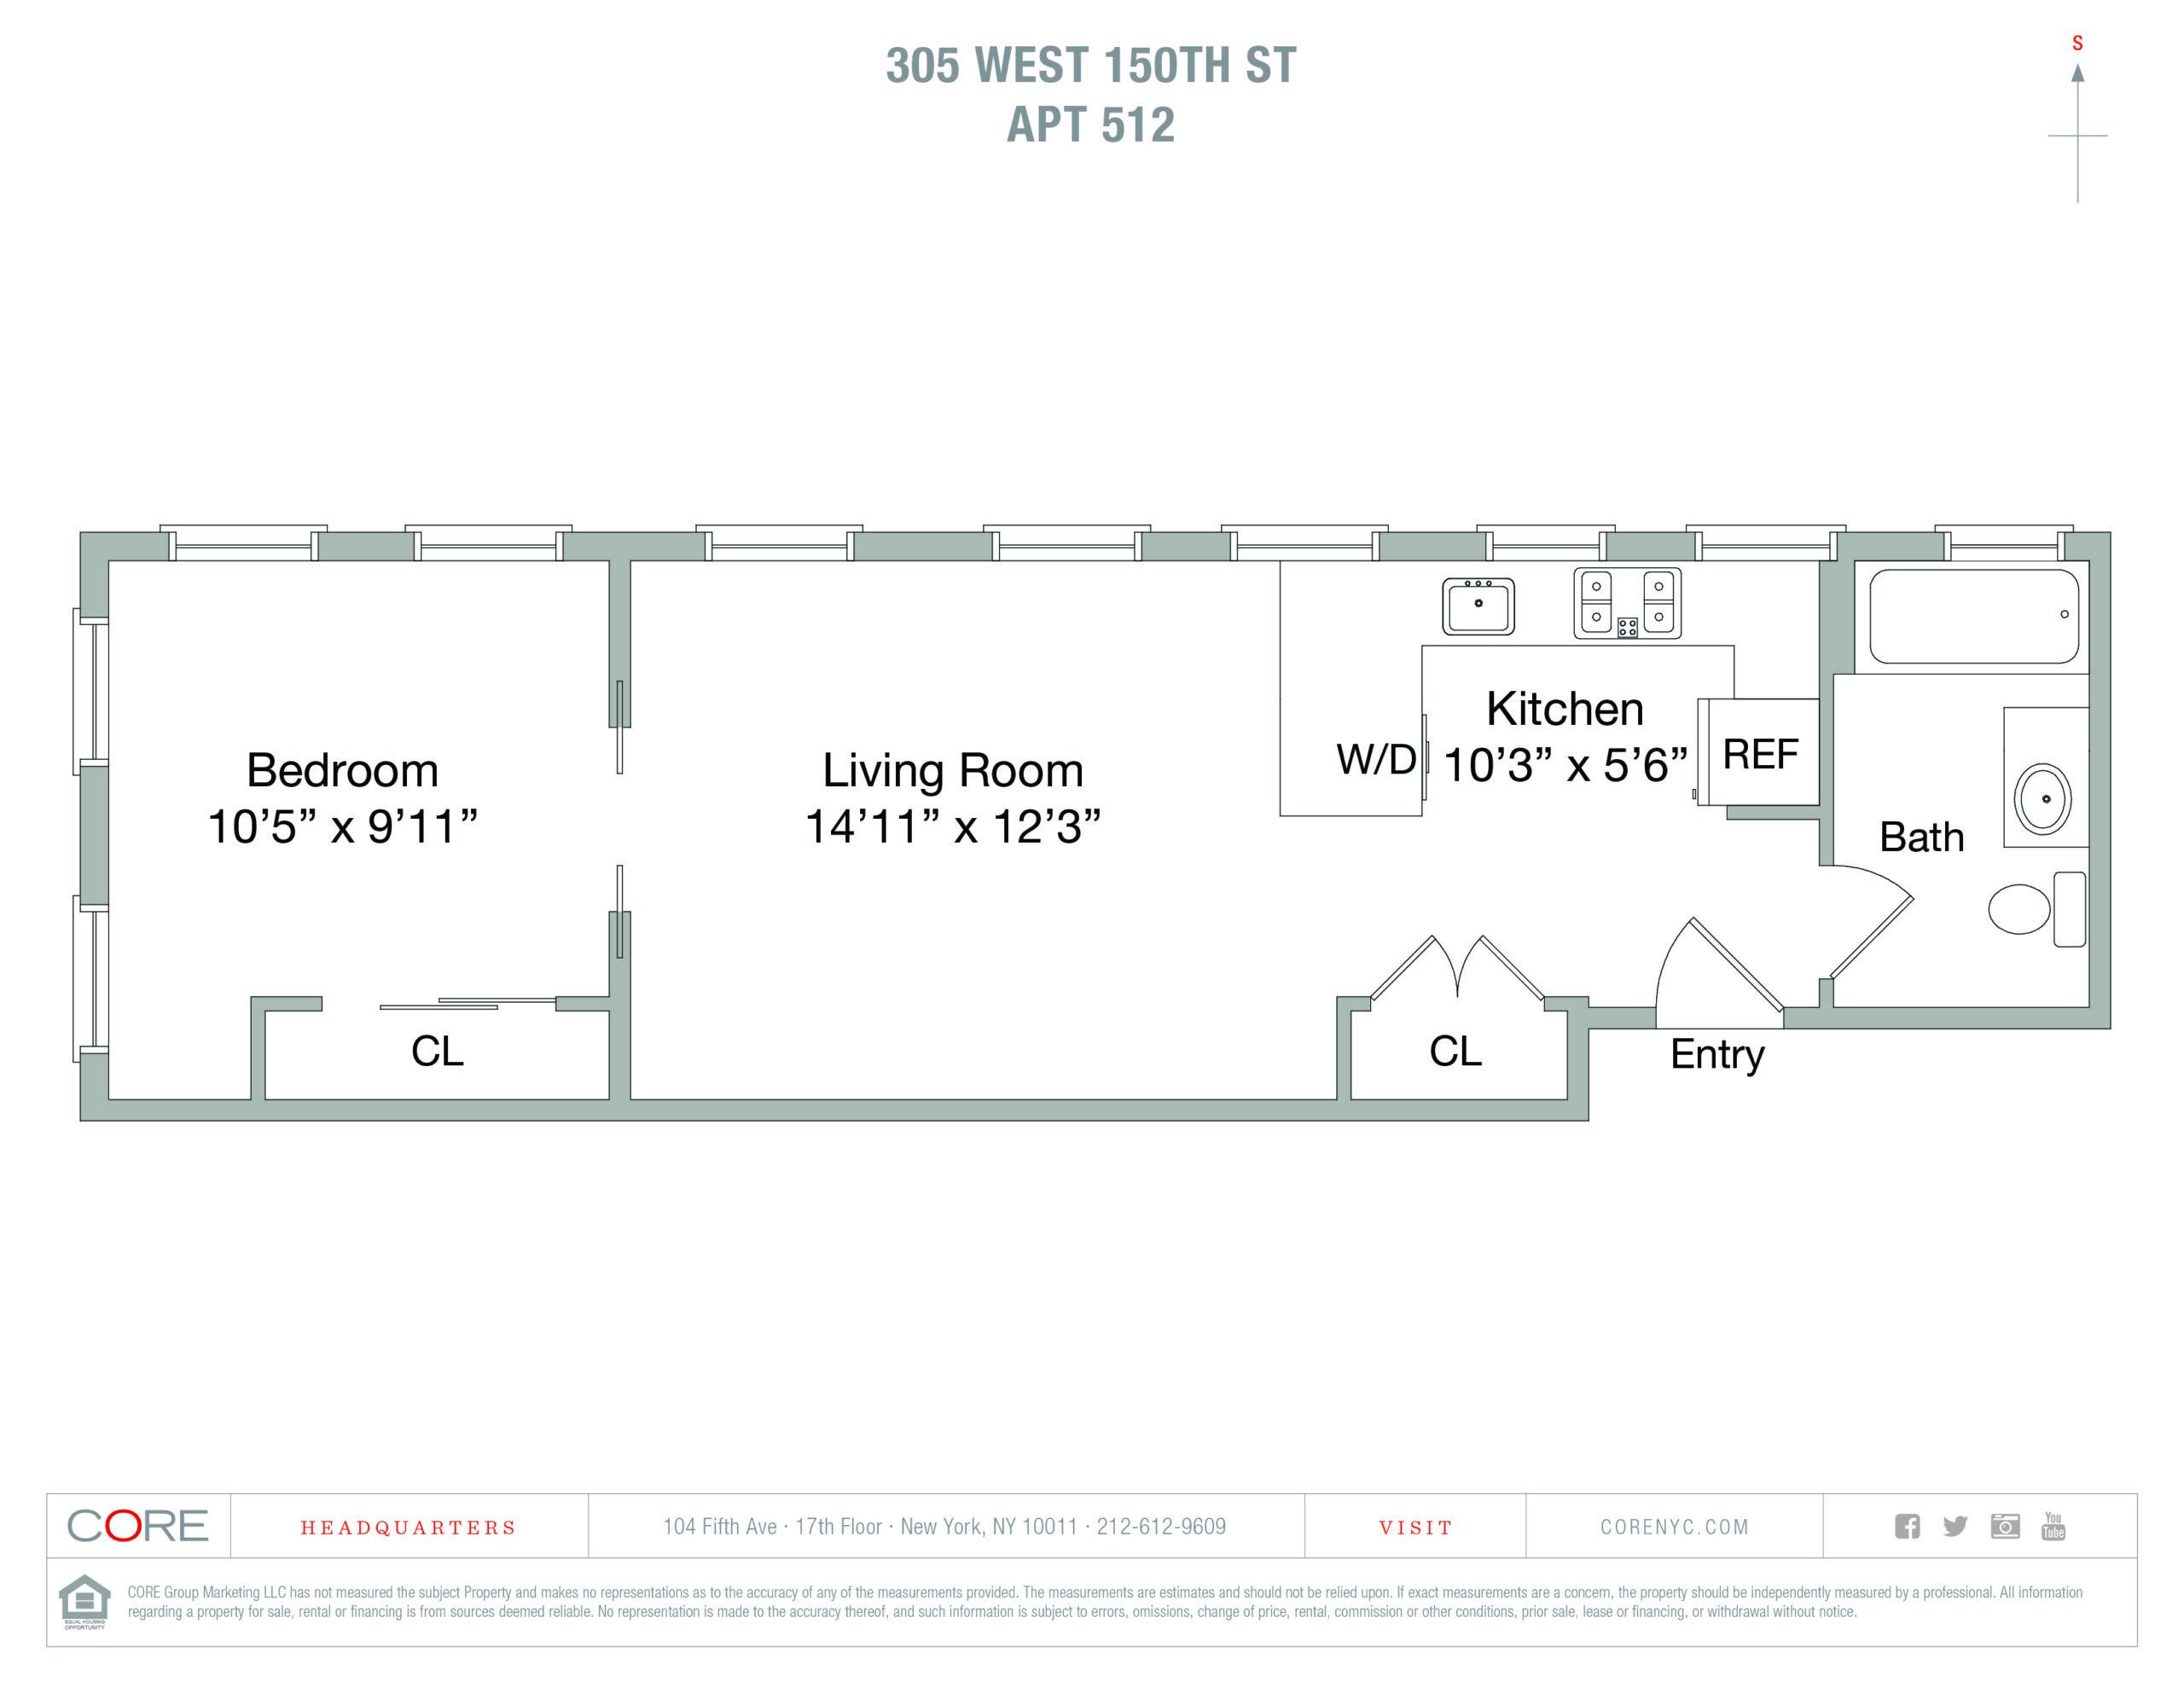 305 West 150th St. 512, New York, NY 10039